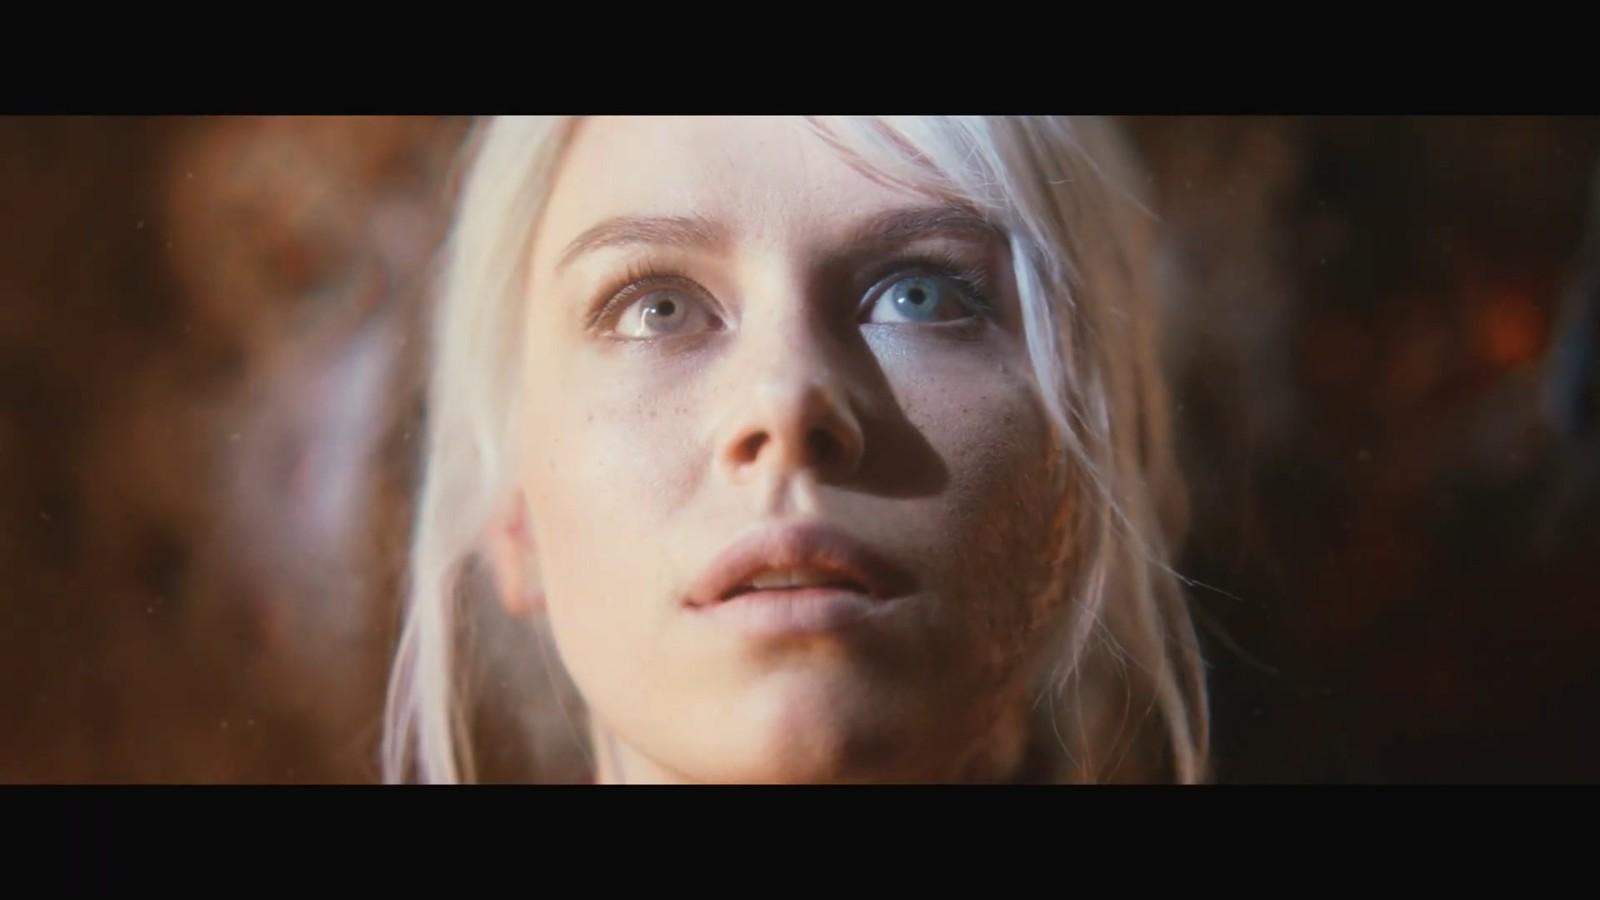 《灵媒》真人短片发布 场面震撼、超强大片既视感